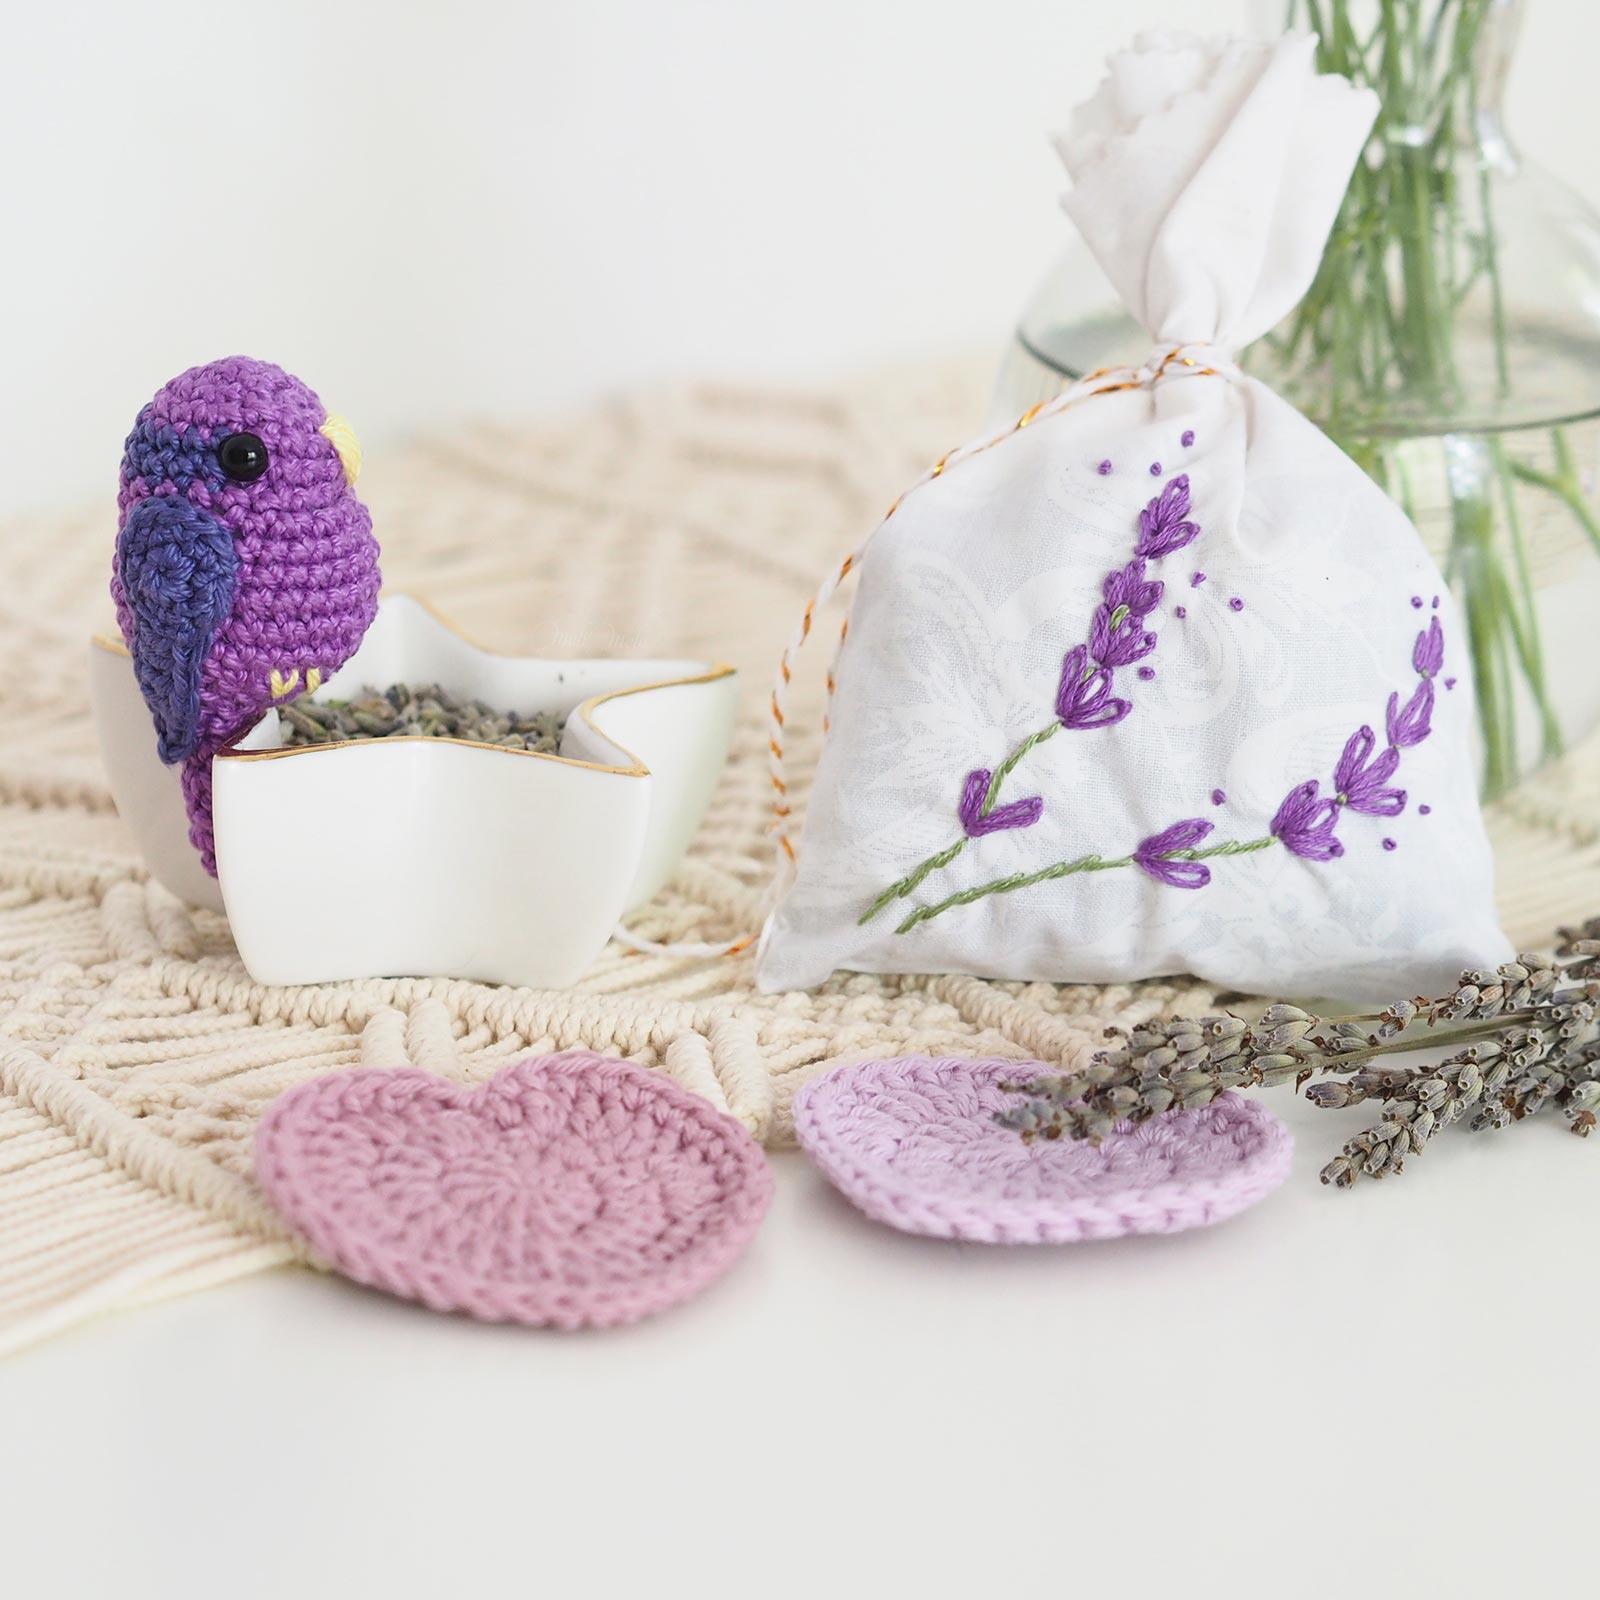 broderie sachet lavande crochet oiseau coeur cadeau   mariage laboutiquedemelimelo